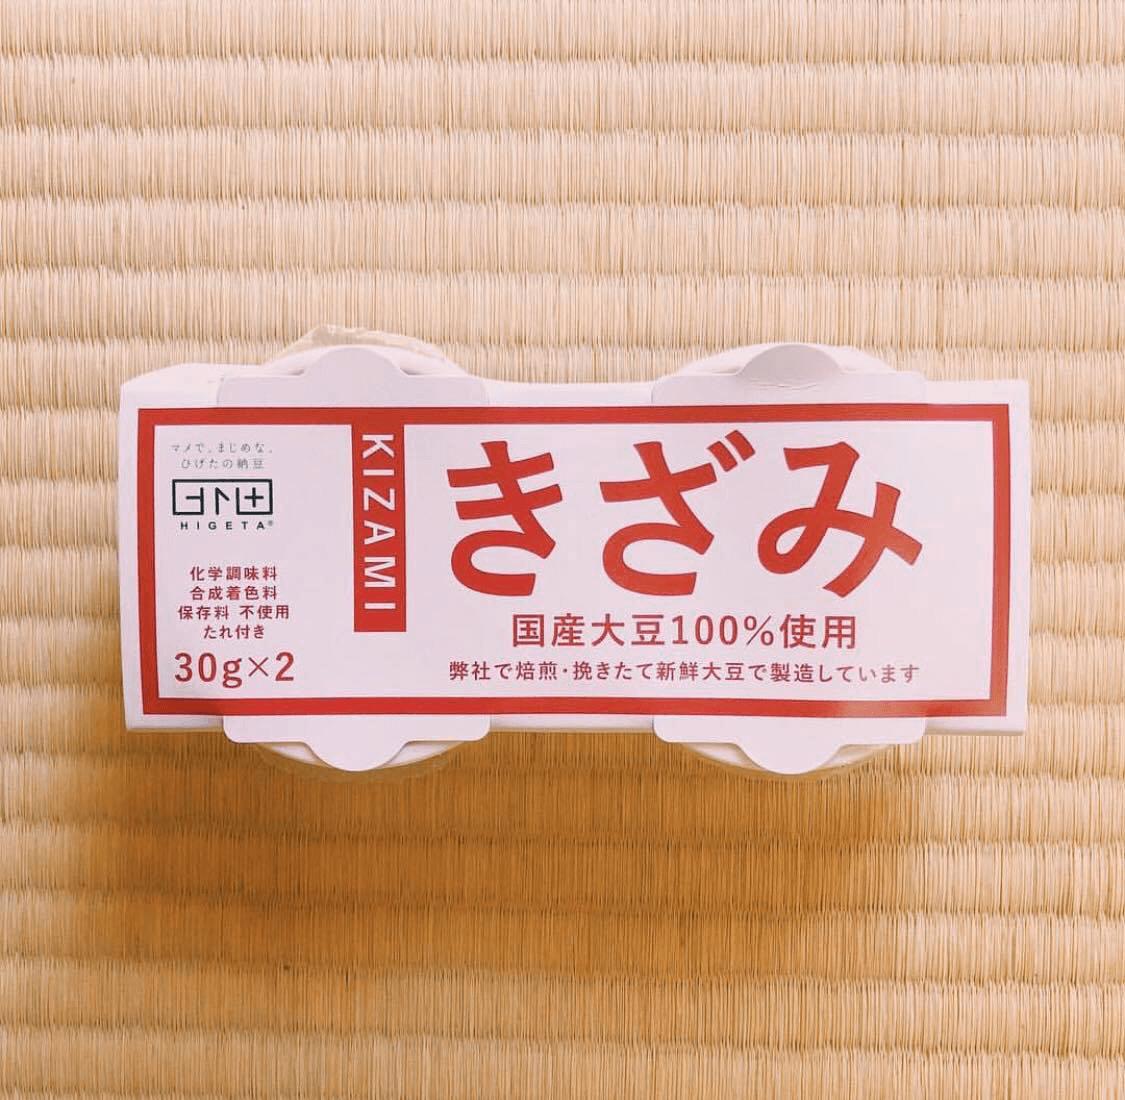 きざみ(ひげた食品)